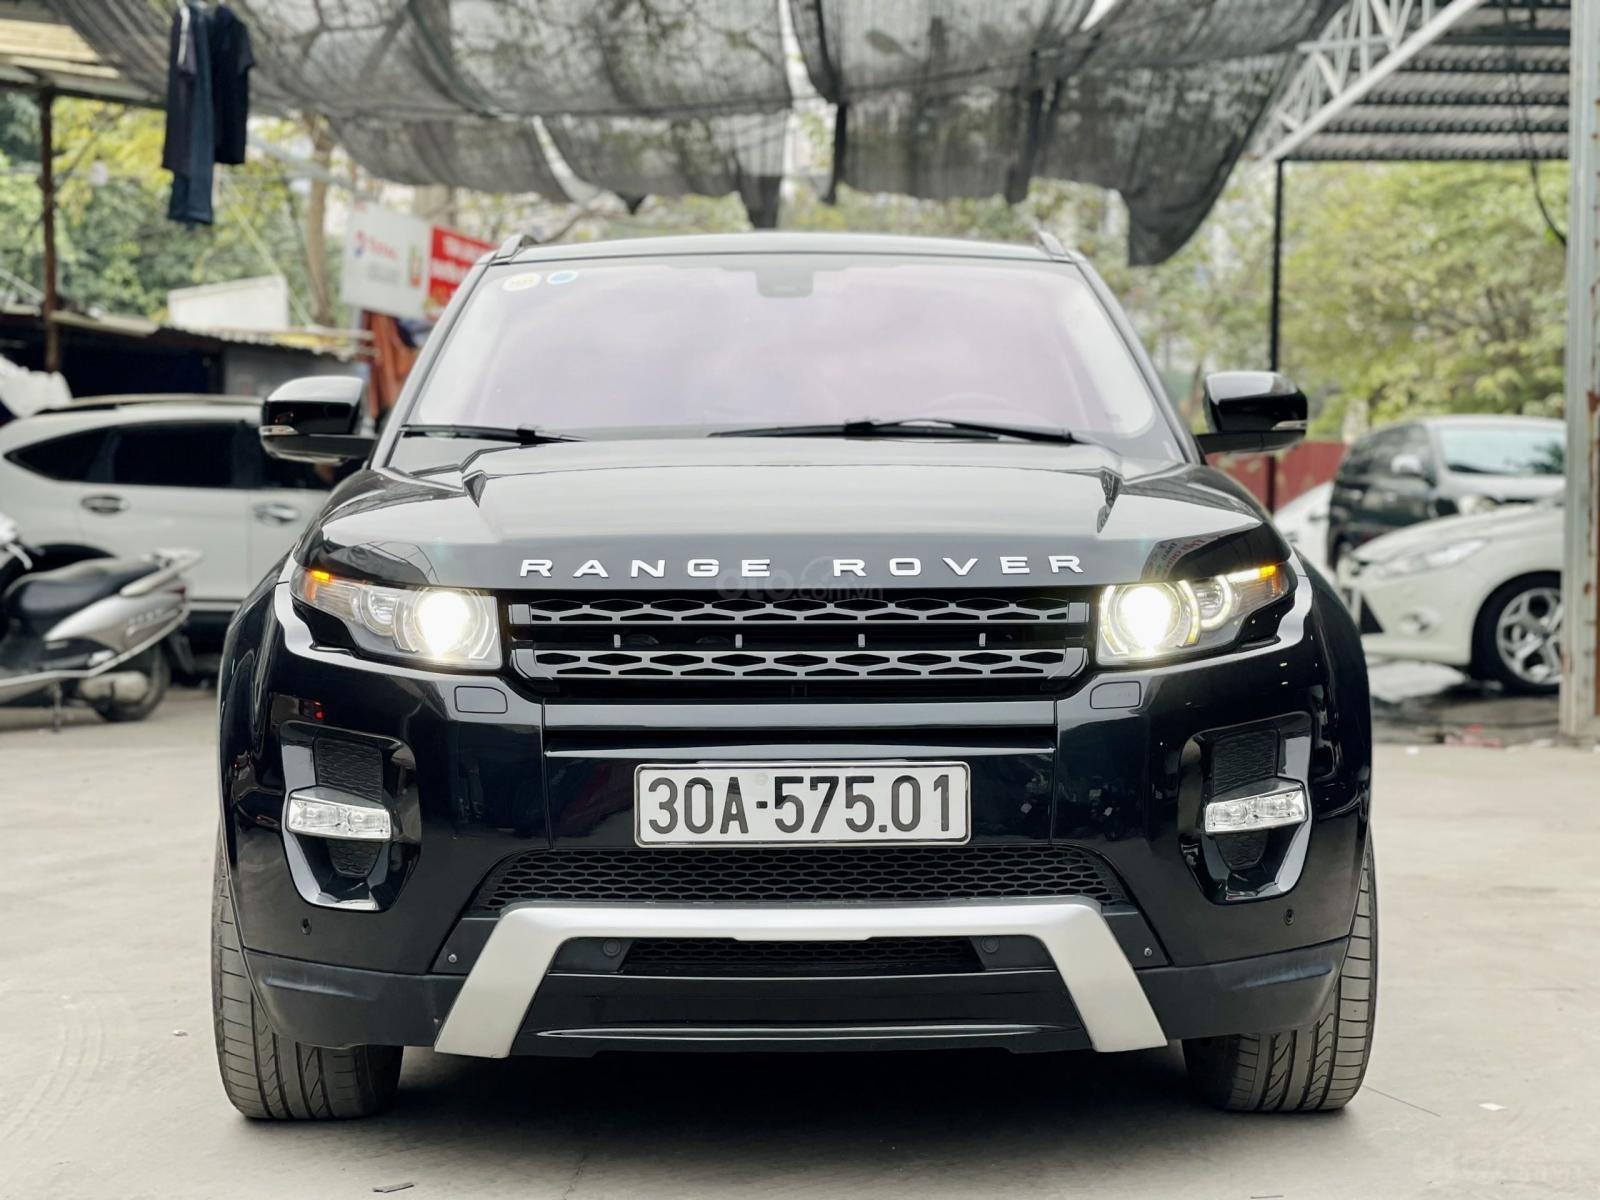 LandRover Evoque Dyamic nhập khẩu nguyên chiếc giá chưa đến tỷ (1)